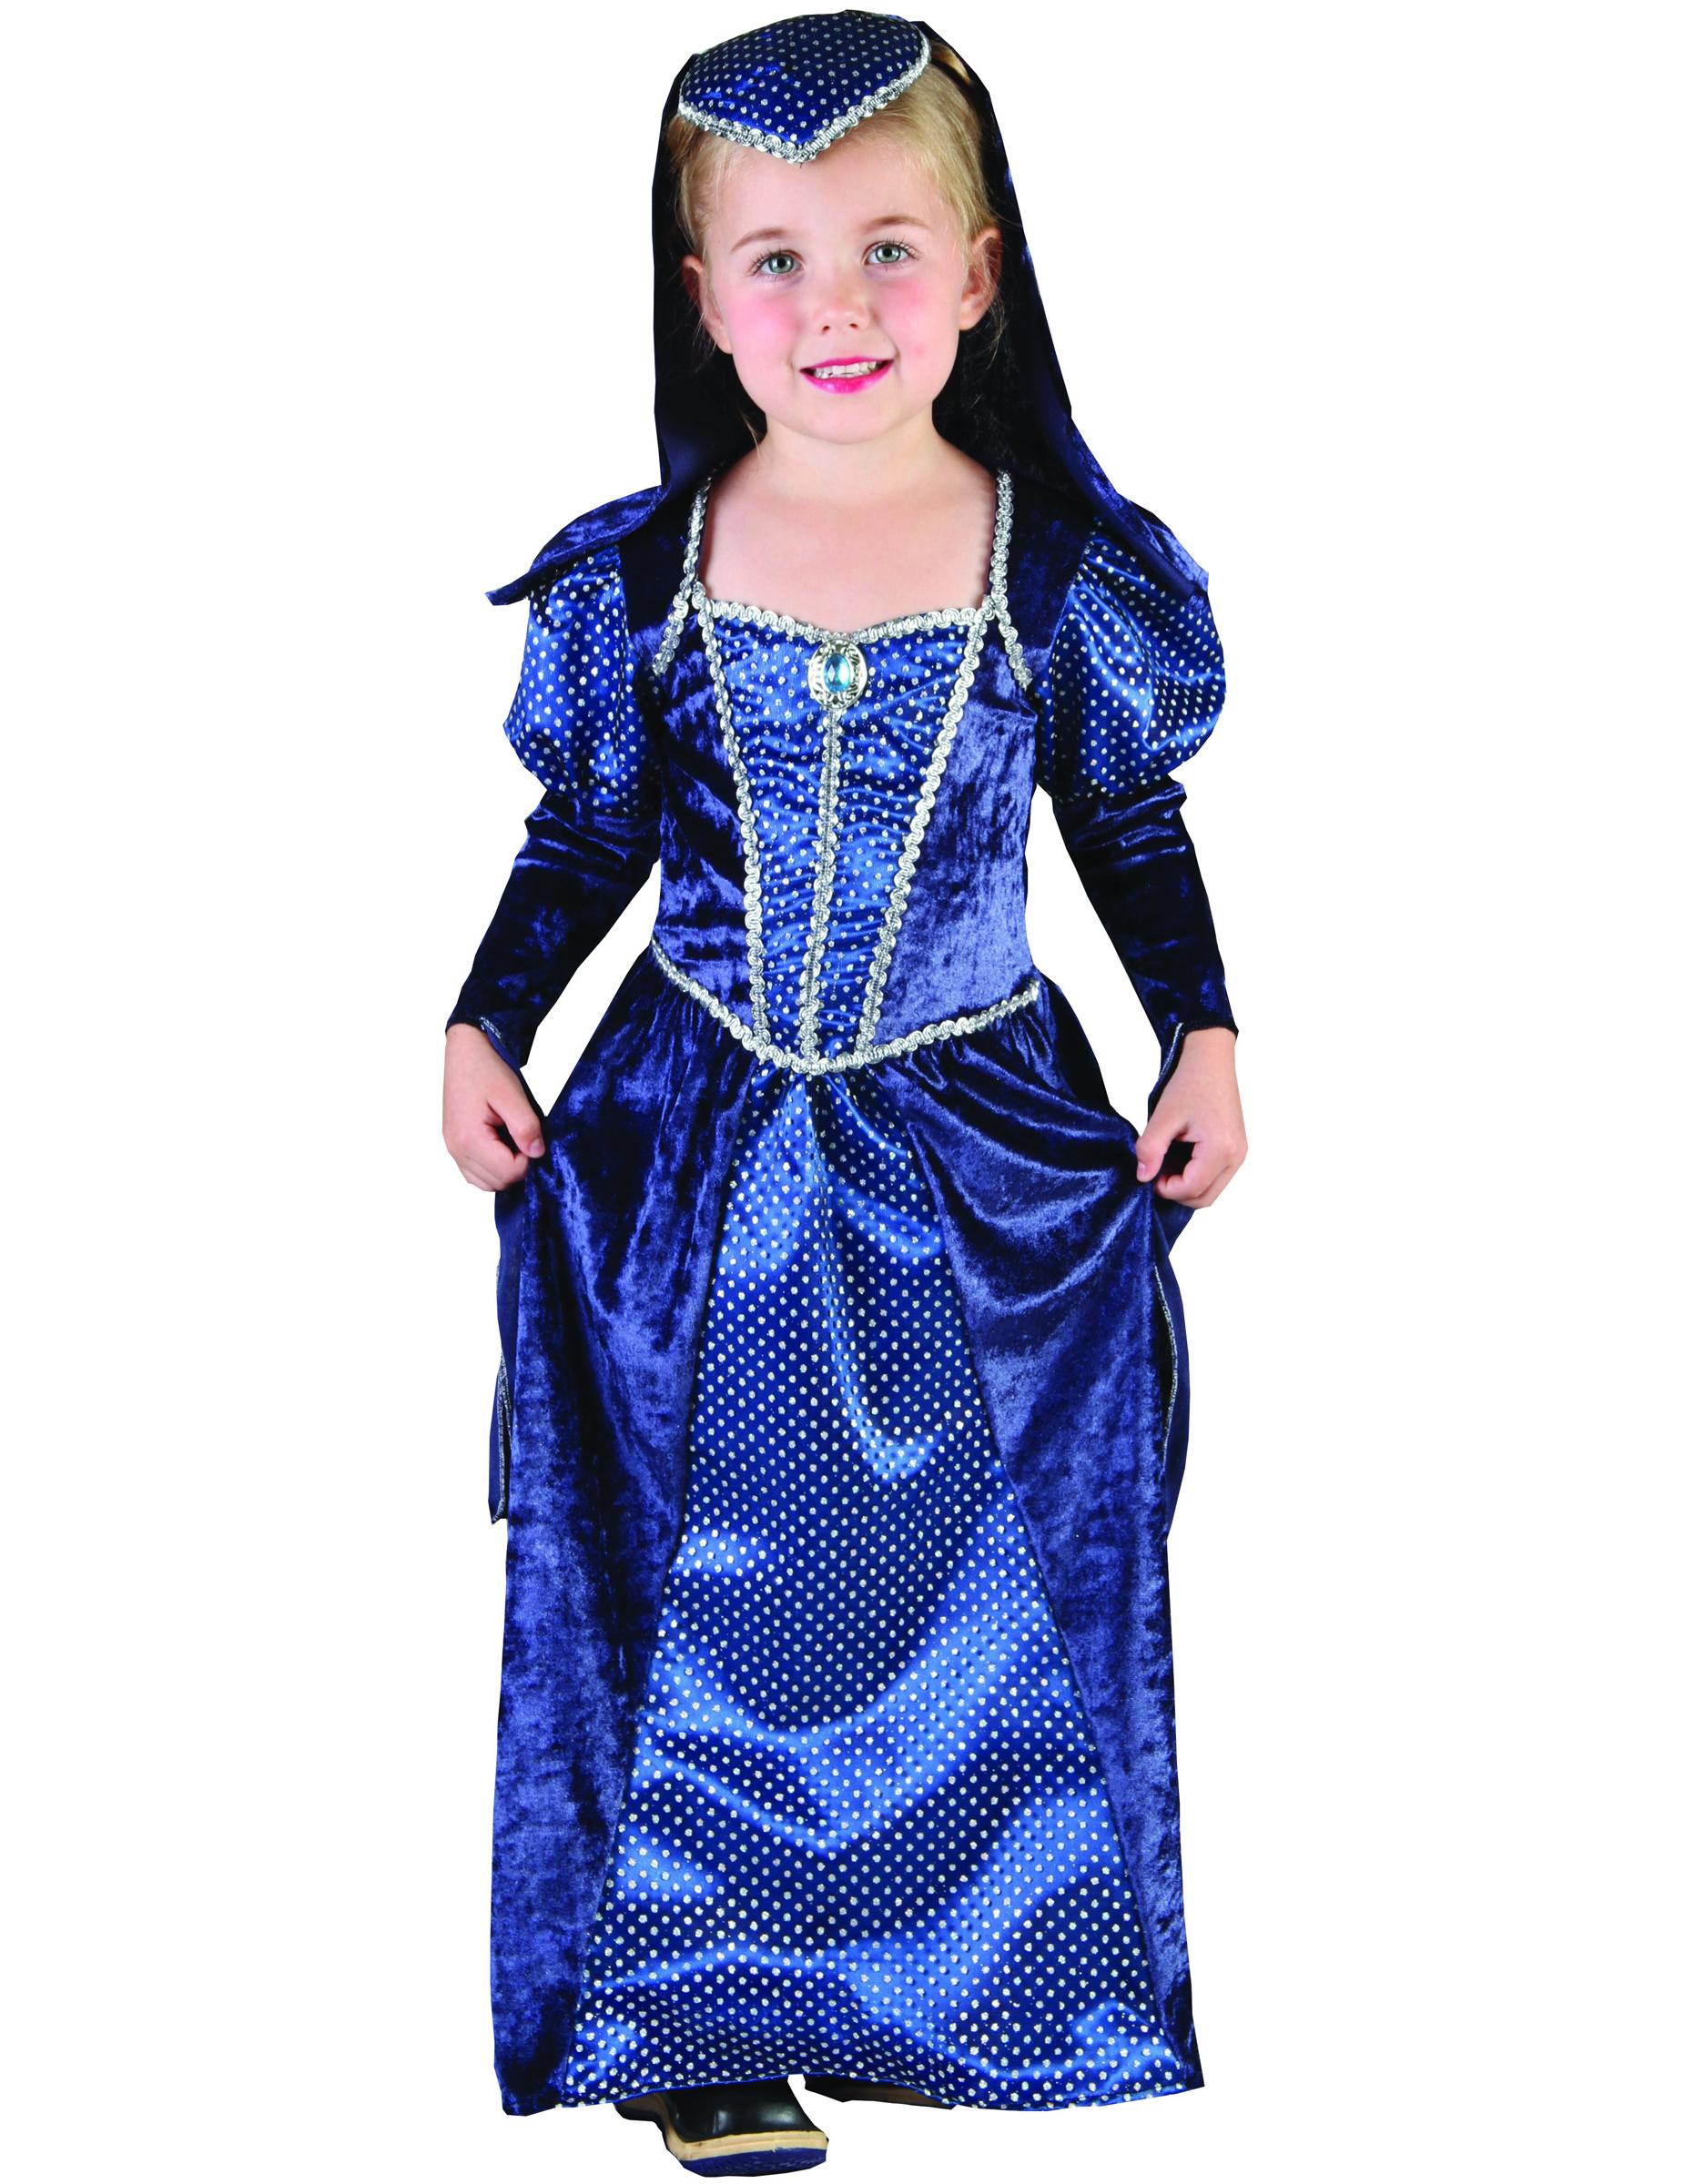 d guisement princesse renaissance fille deguise toi achat de d guisements enfants. Black Bedroom Furniture Sets. Home Design Ideas